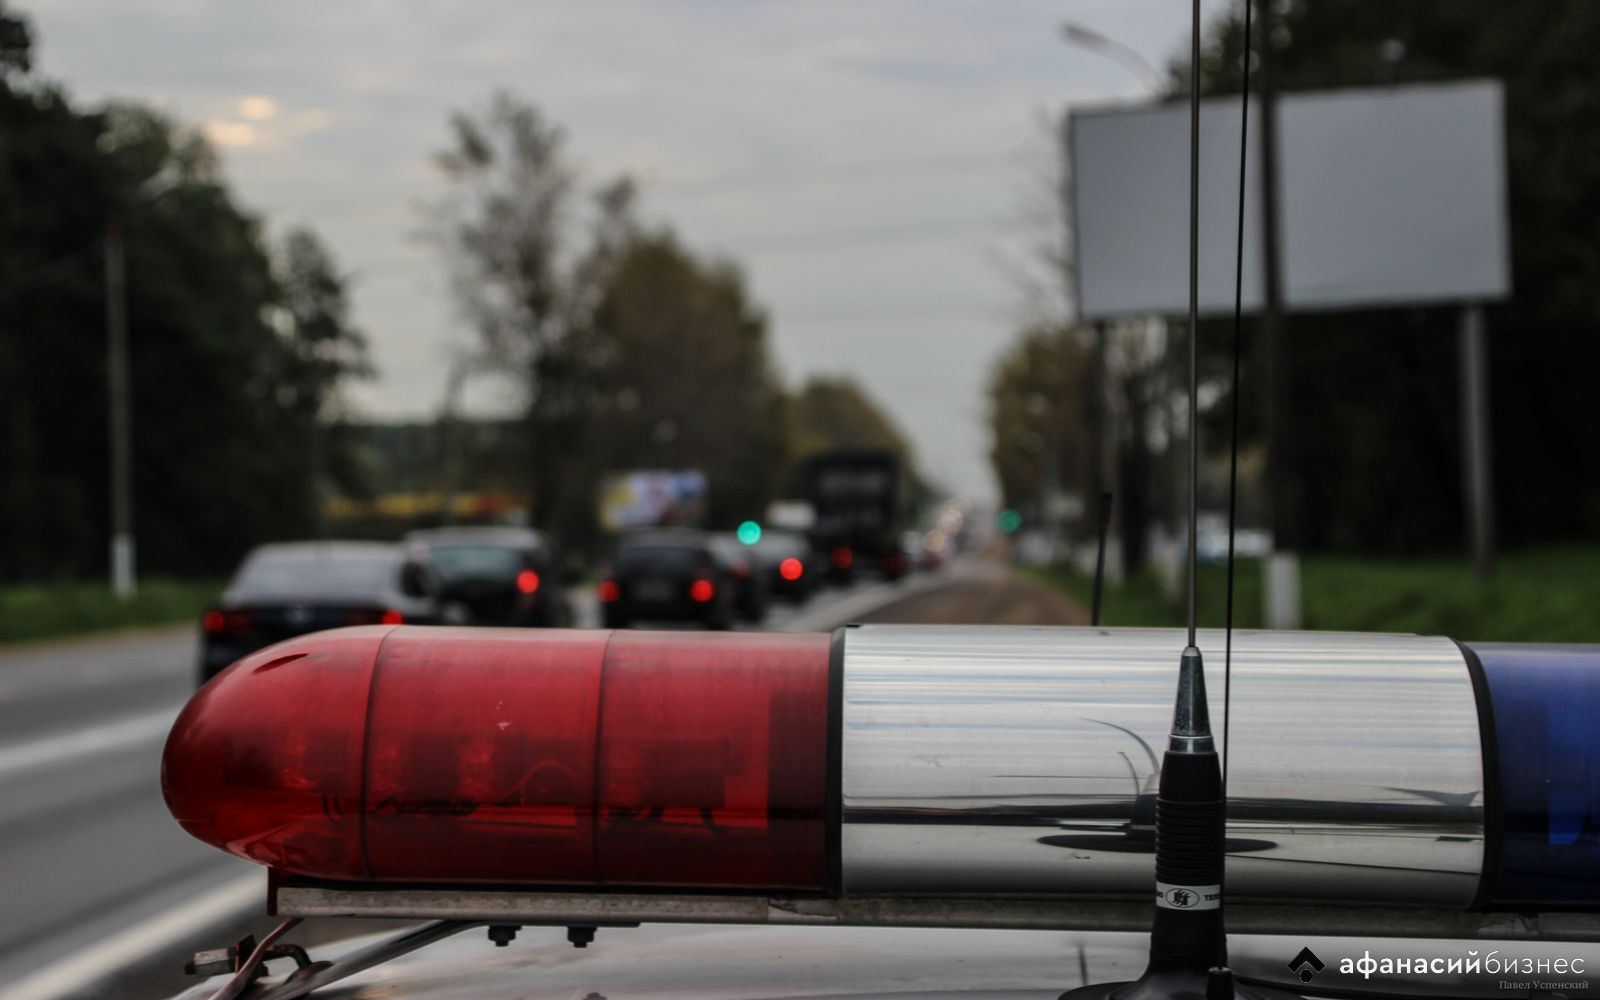 На дороге в Тверской области «Ока» снесла ограждение и перевернулась в кювет, пострадал водитель